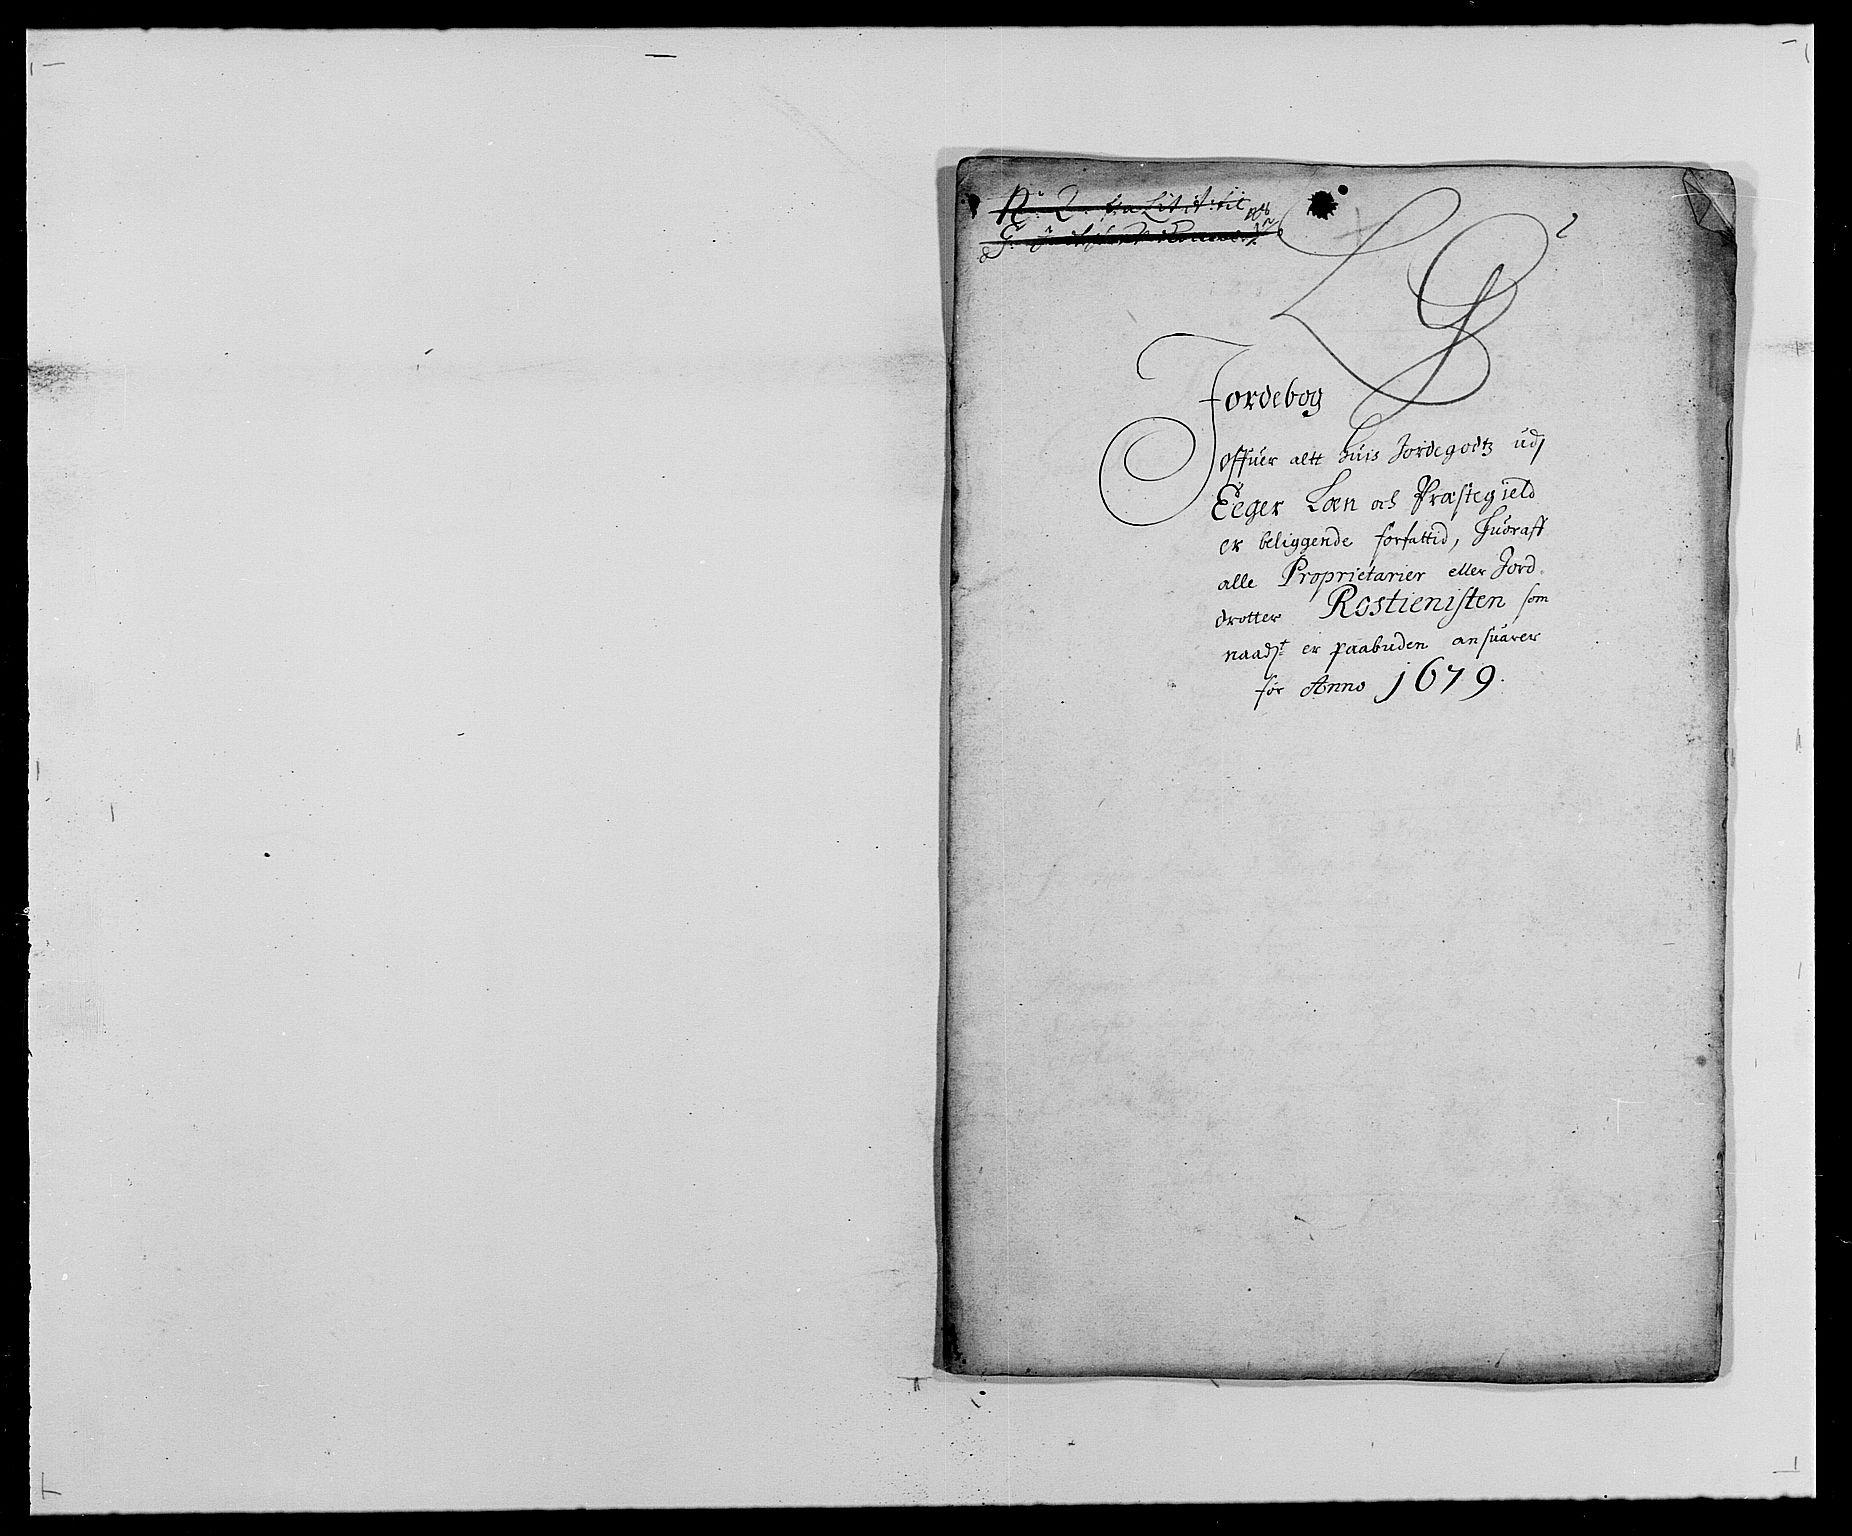 RA, Rentekammeret inntil 1814, Reviderte regnskaper, Fogderegnskap, R26/L1684: Fogderegnskap Eiker, 1679-1686, s. 91